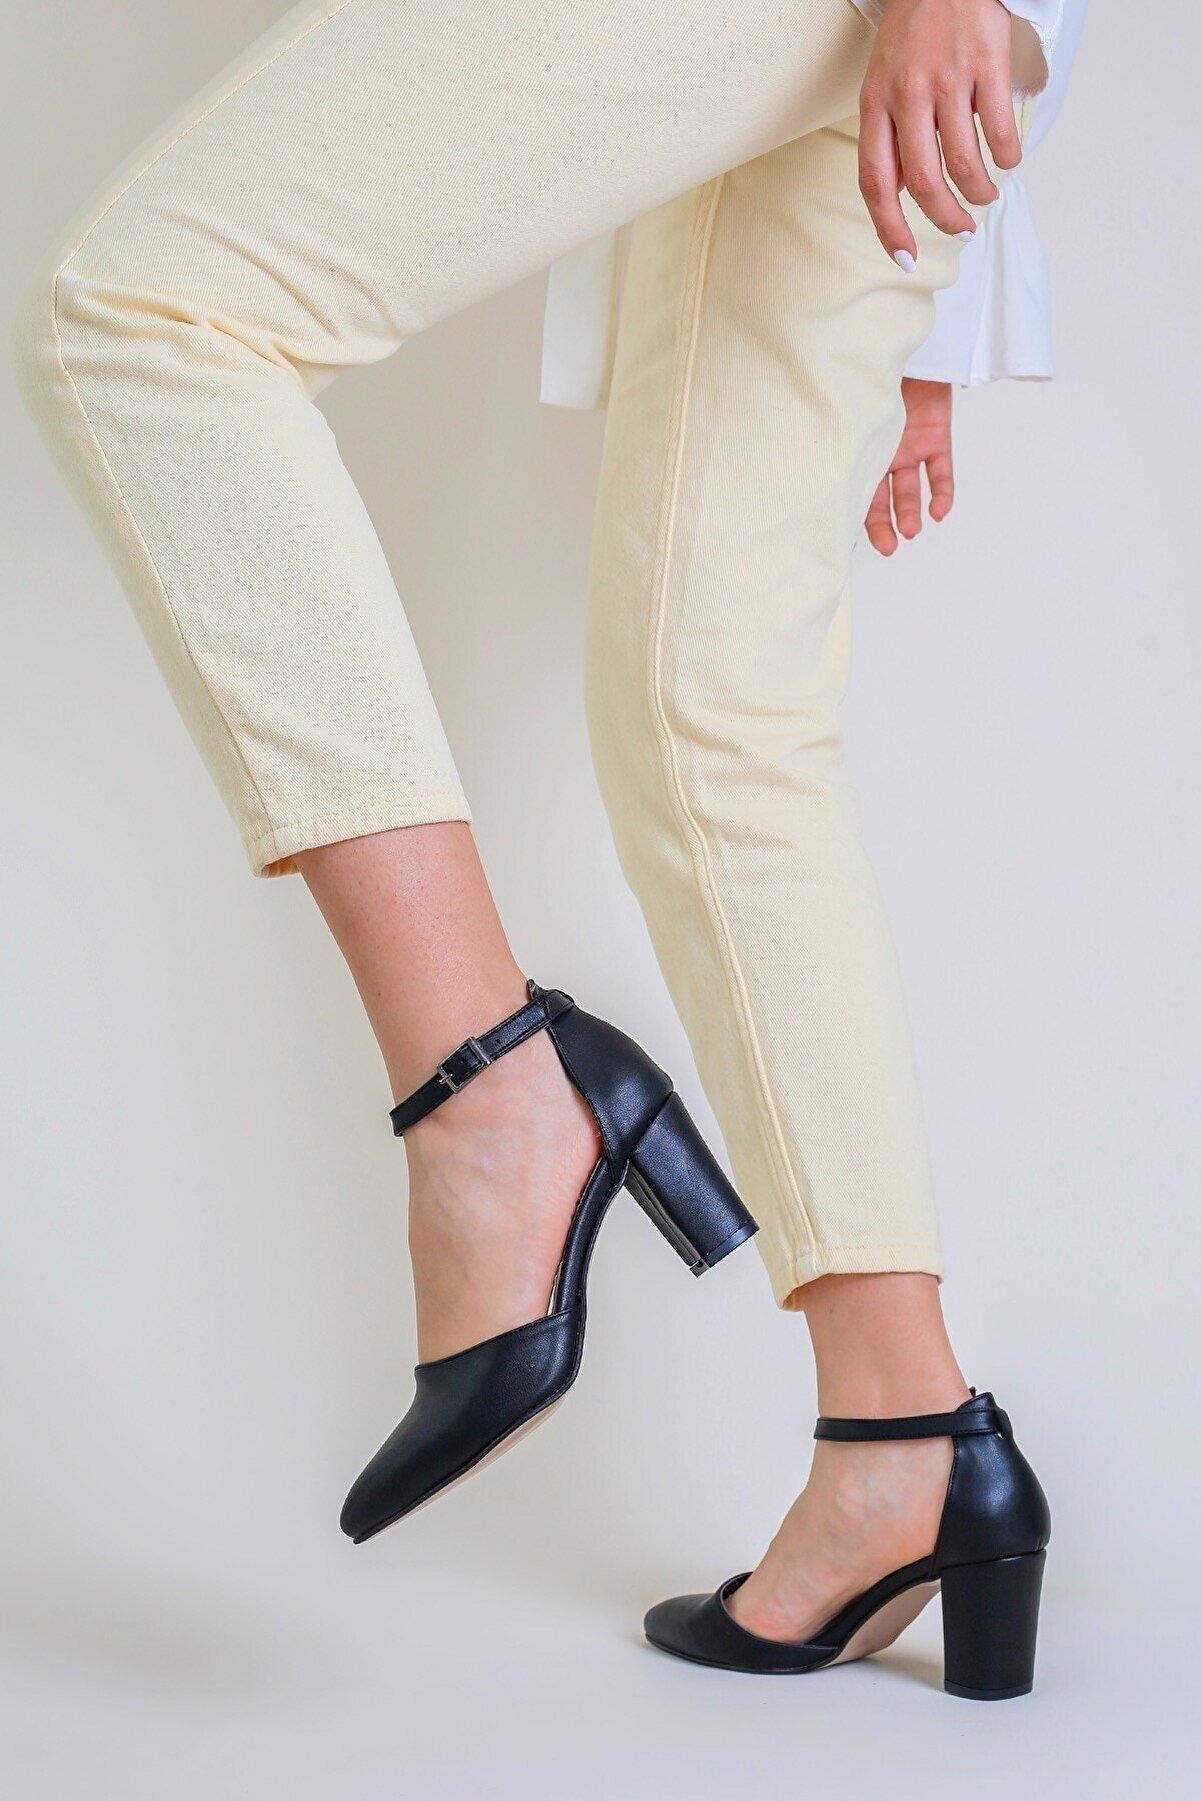 rpt ayakkabı Jamı Kadın Topuklu Açık Ayakkabı Cilt Siyah